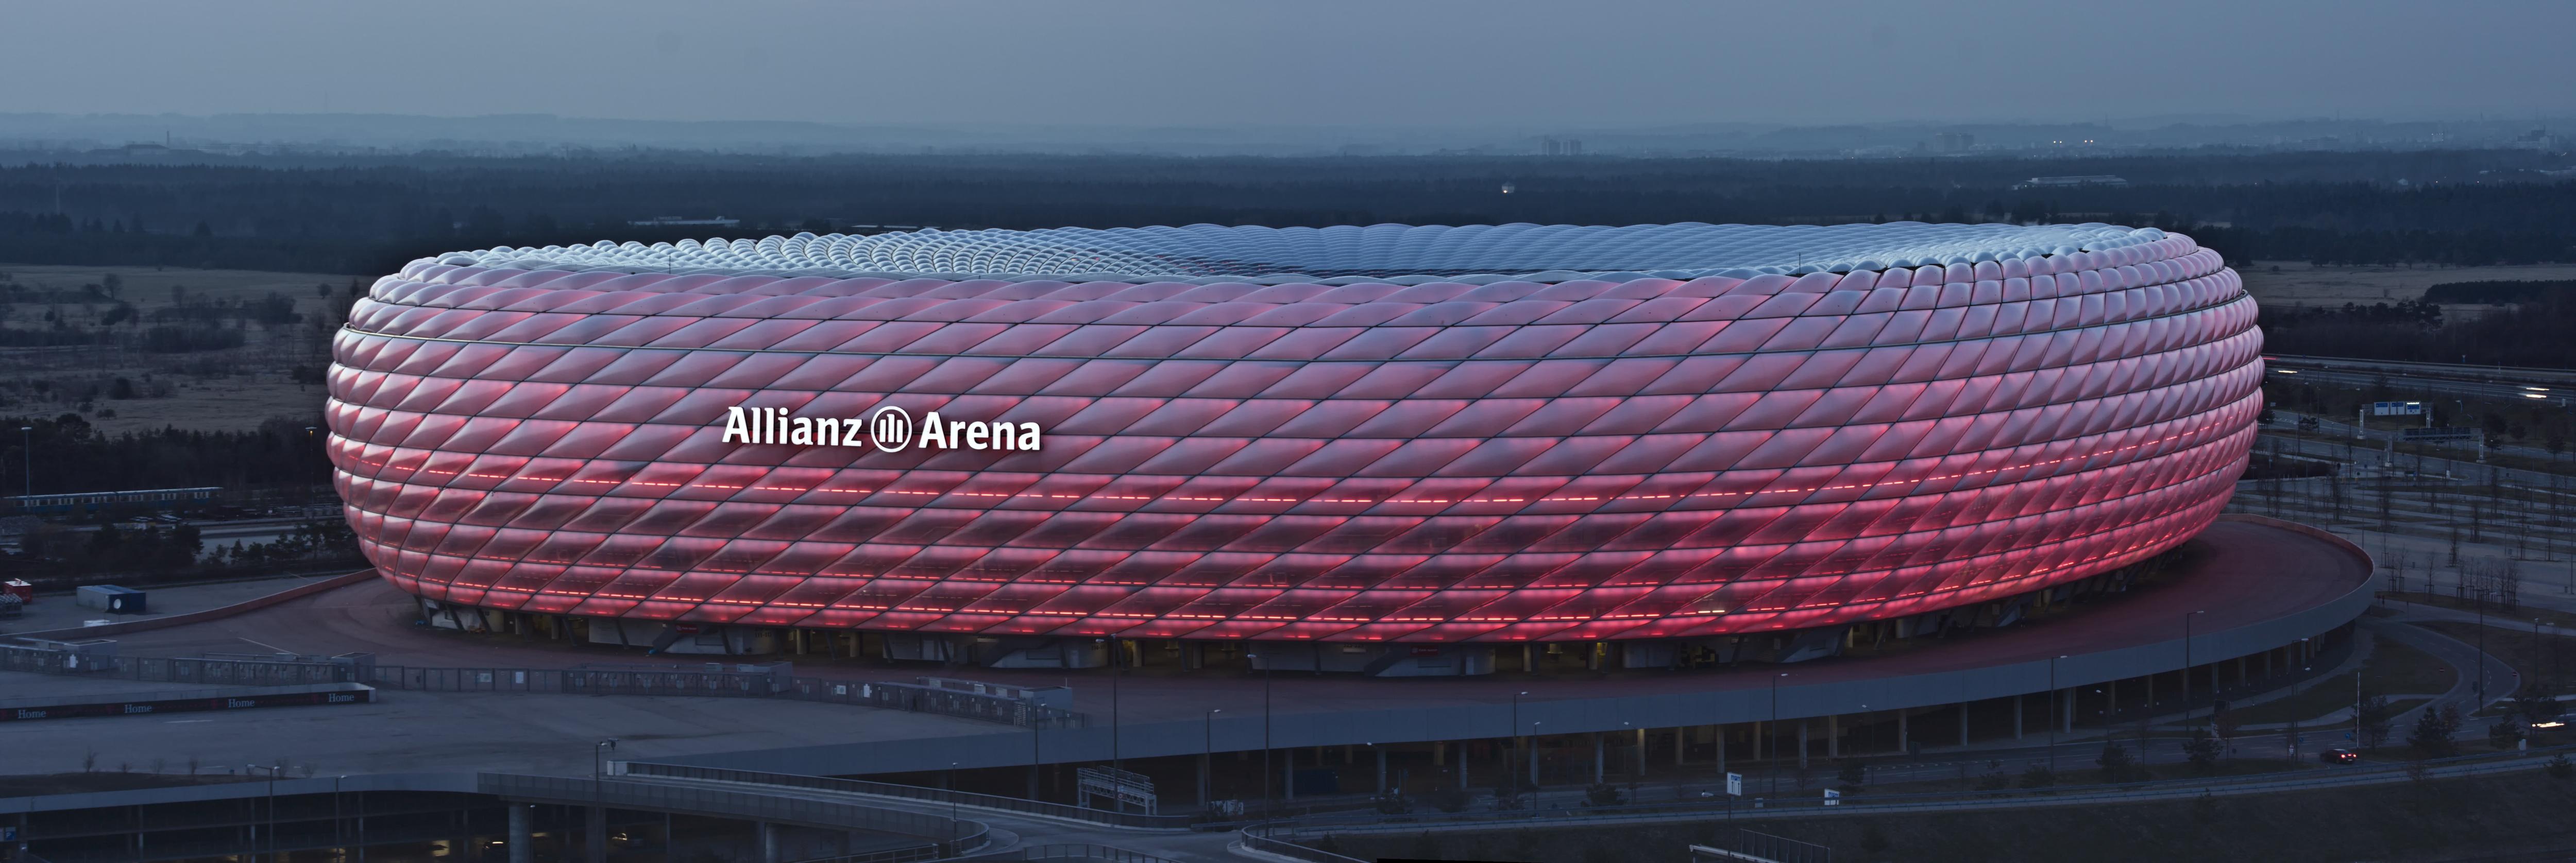 Datei:Allianz arena golden hour Richard Bartz.jpg – Wikipedia